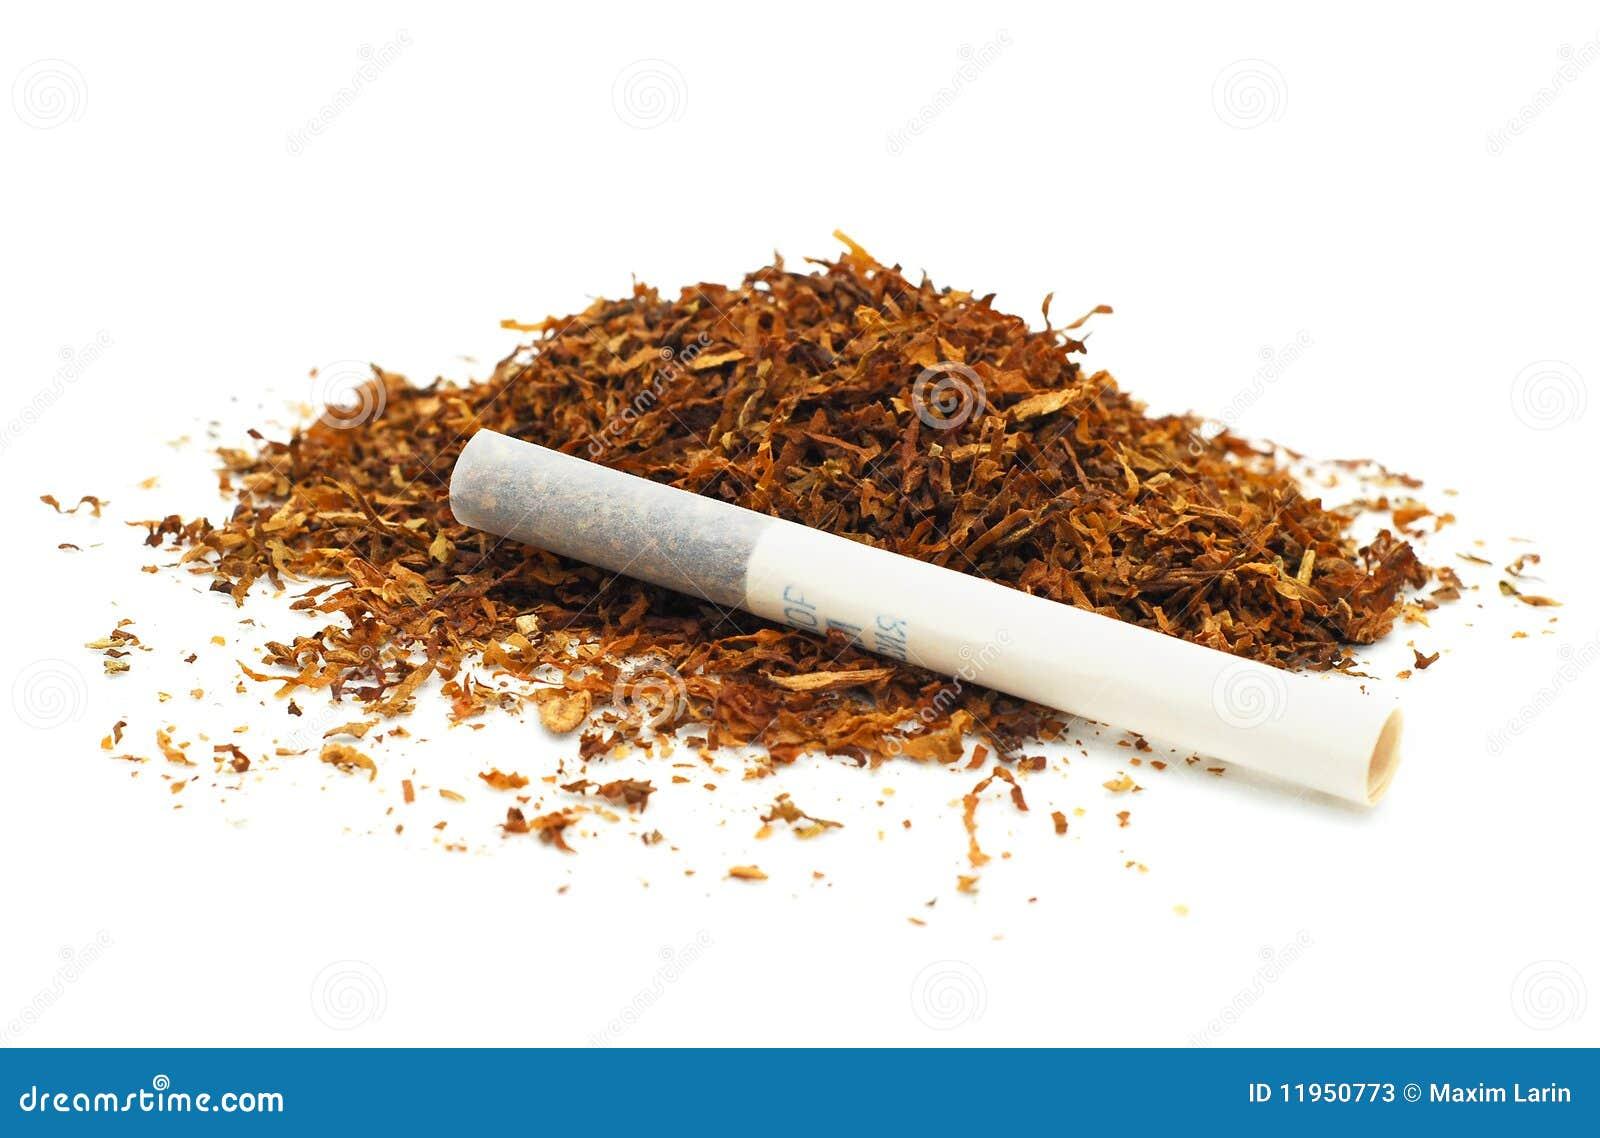 香烟烟草 库存照片 - 图片: 11950773图片